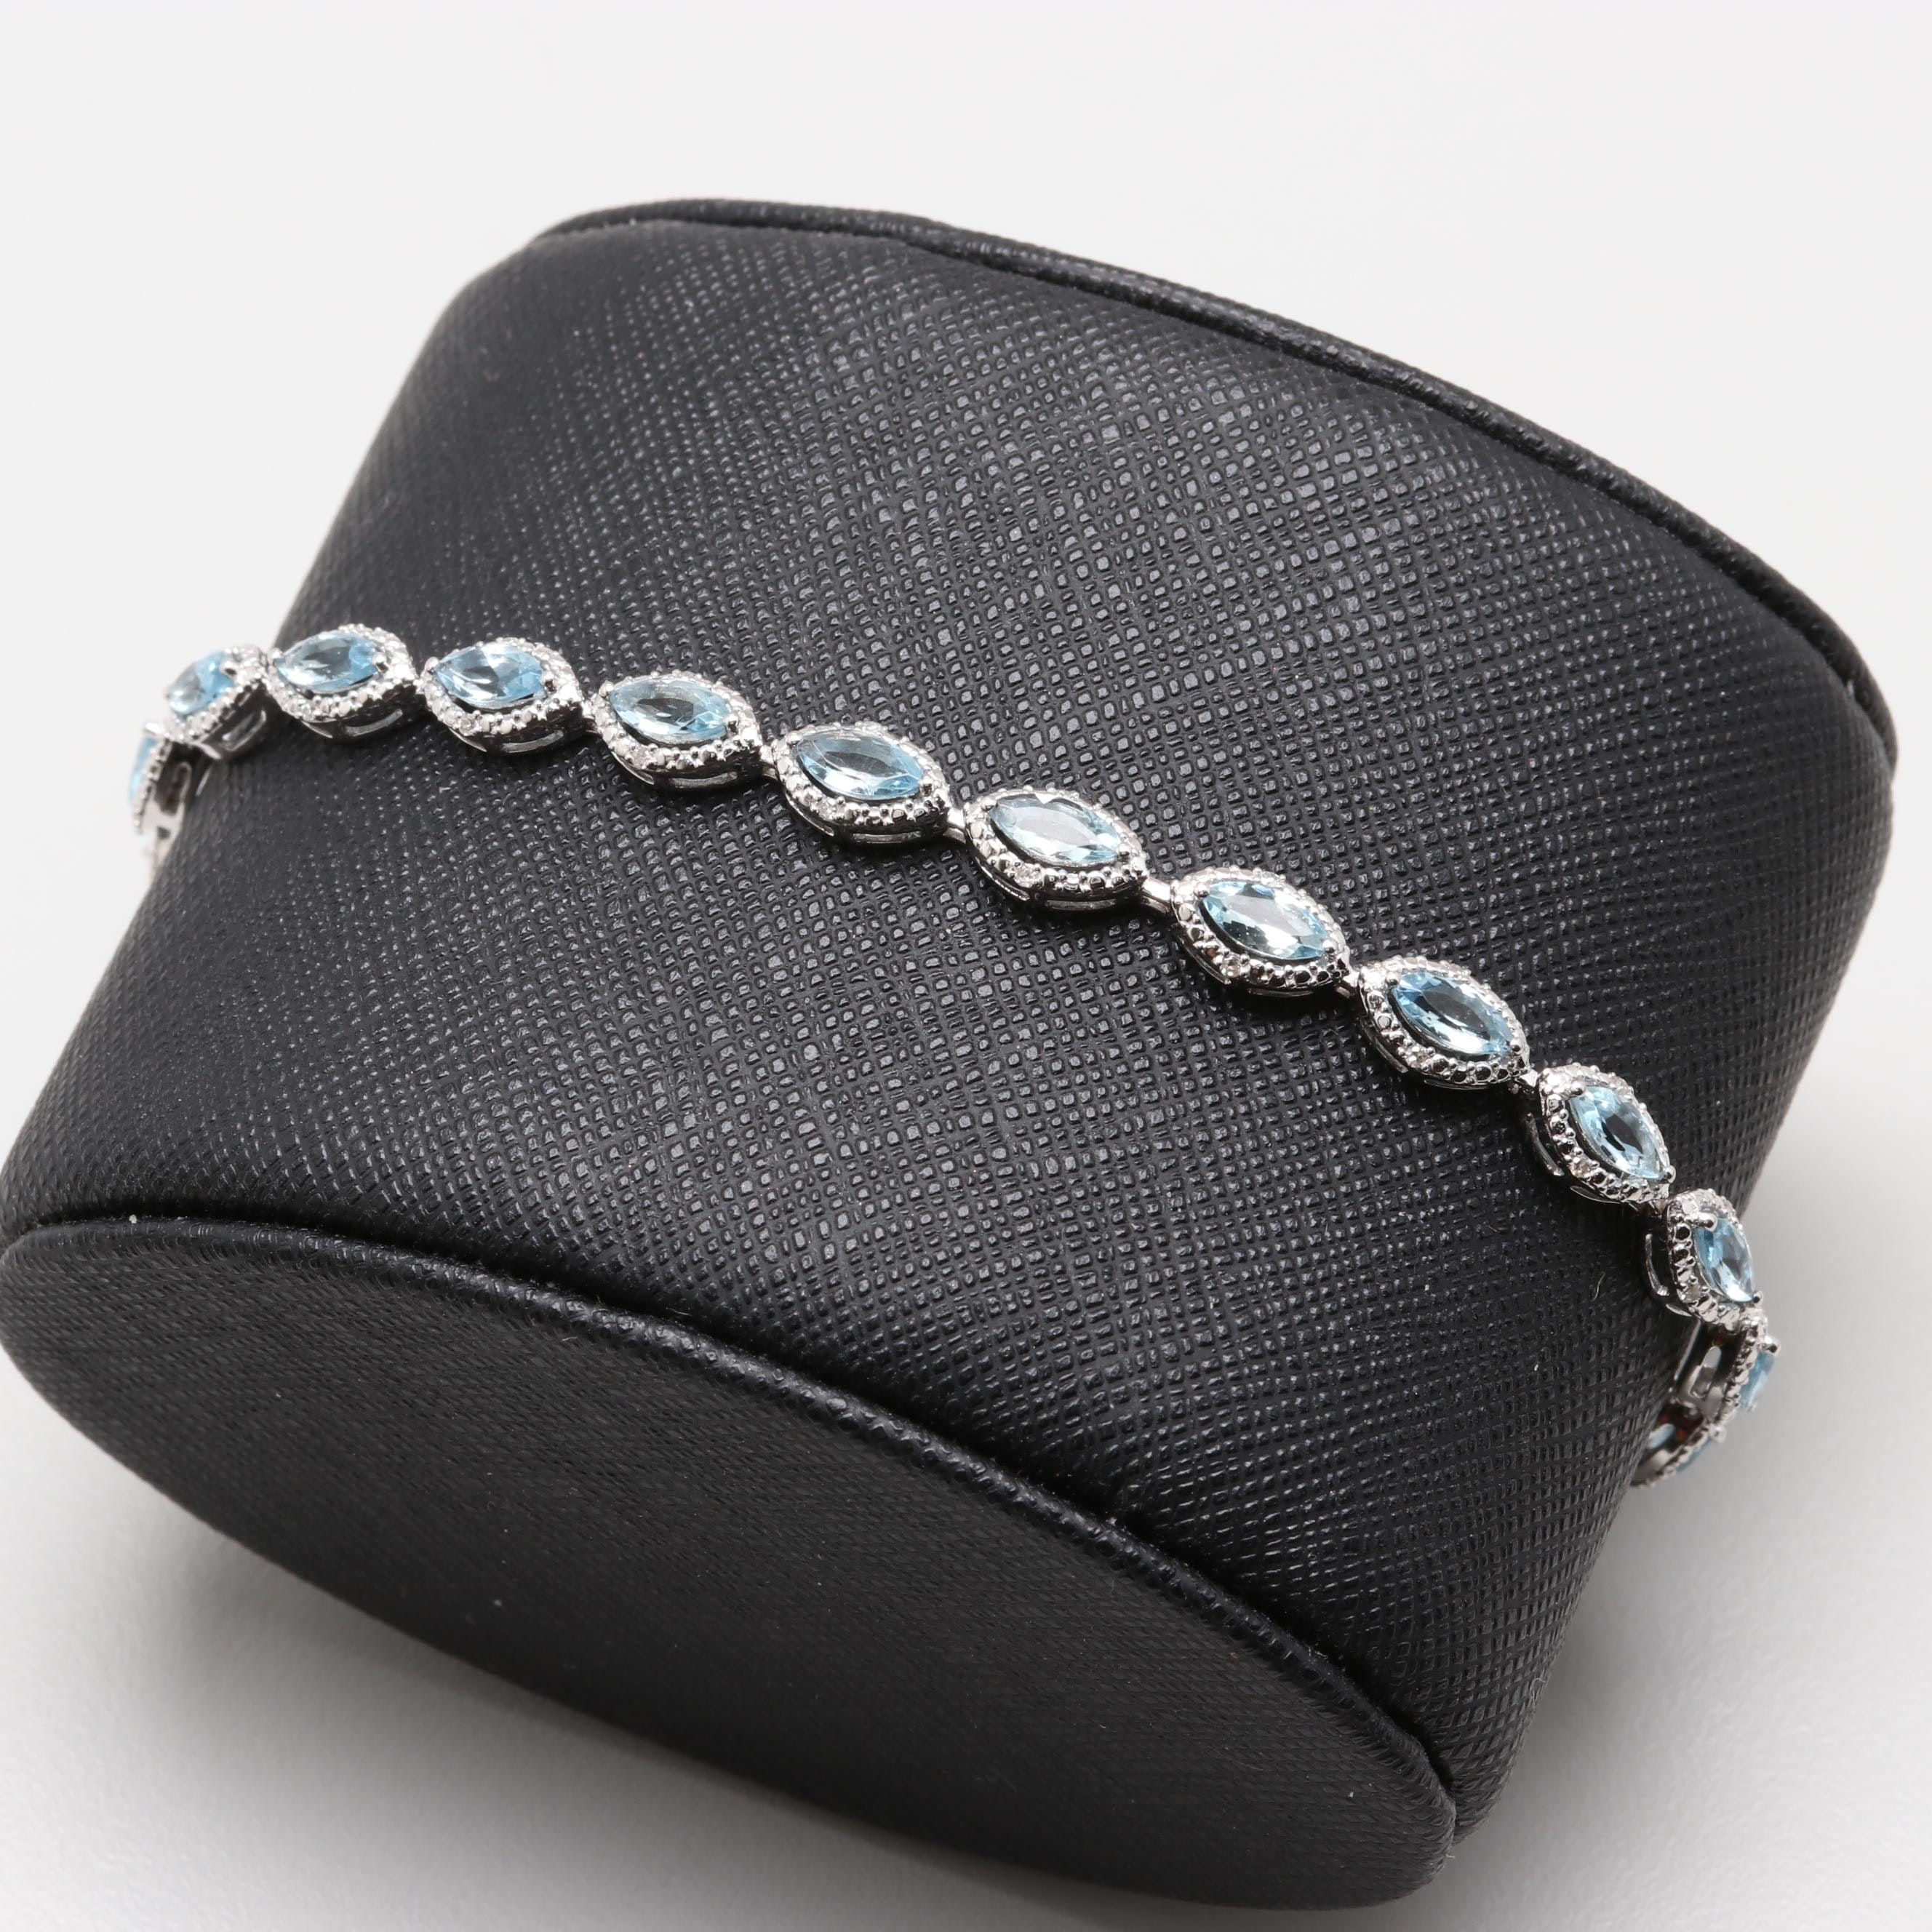 14K White Gold Aquamarine and Diamond Bracelet